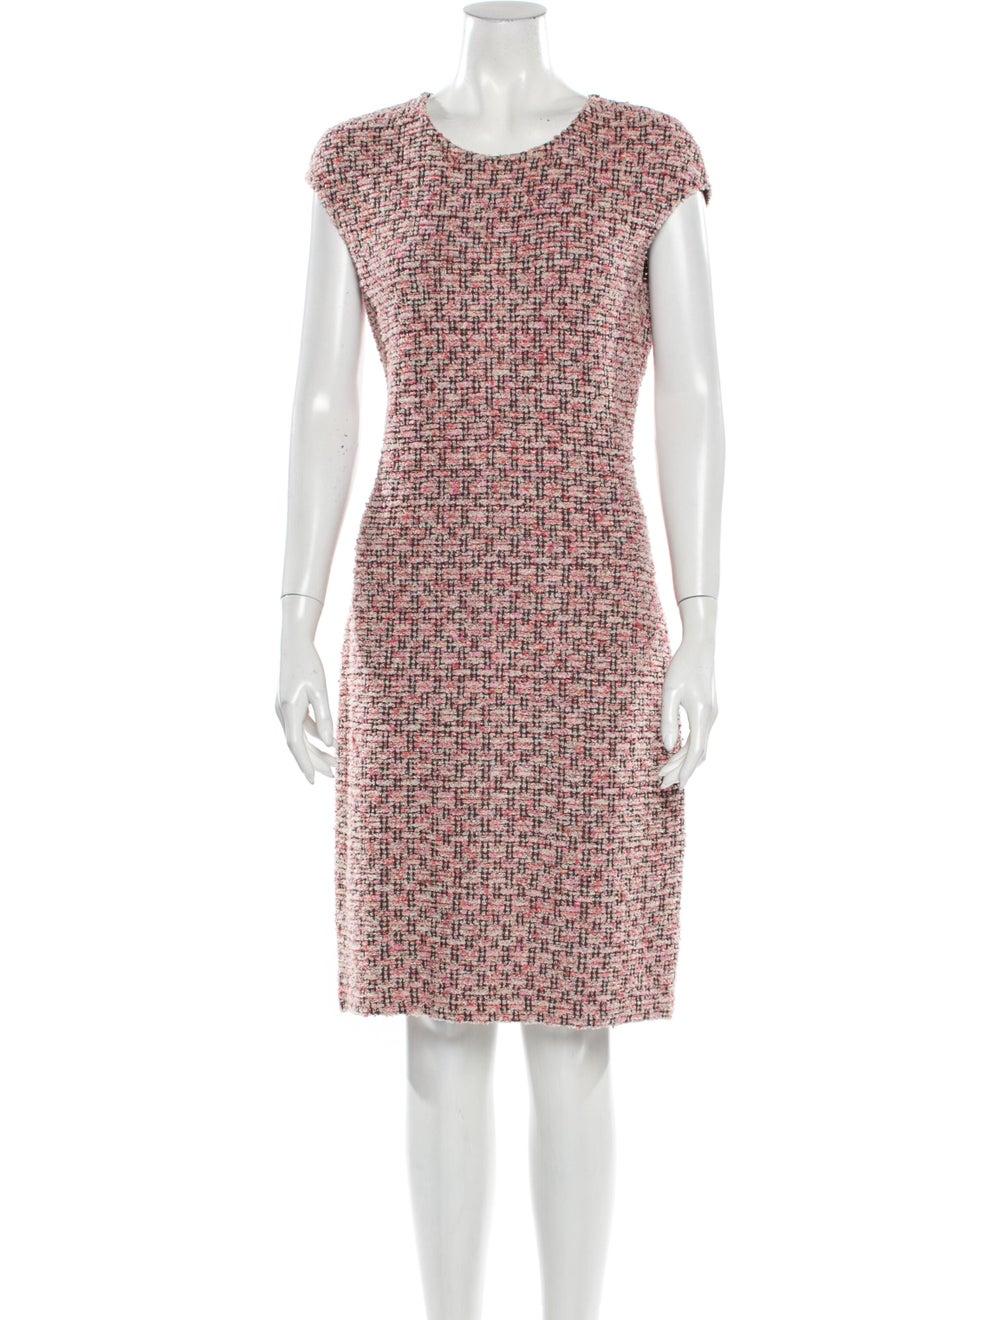 St. John Tweed Pattern Dress Set Pink - image 4